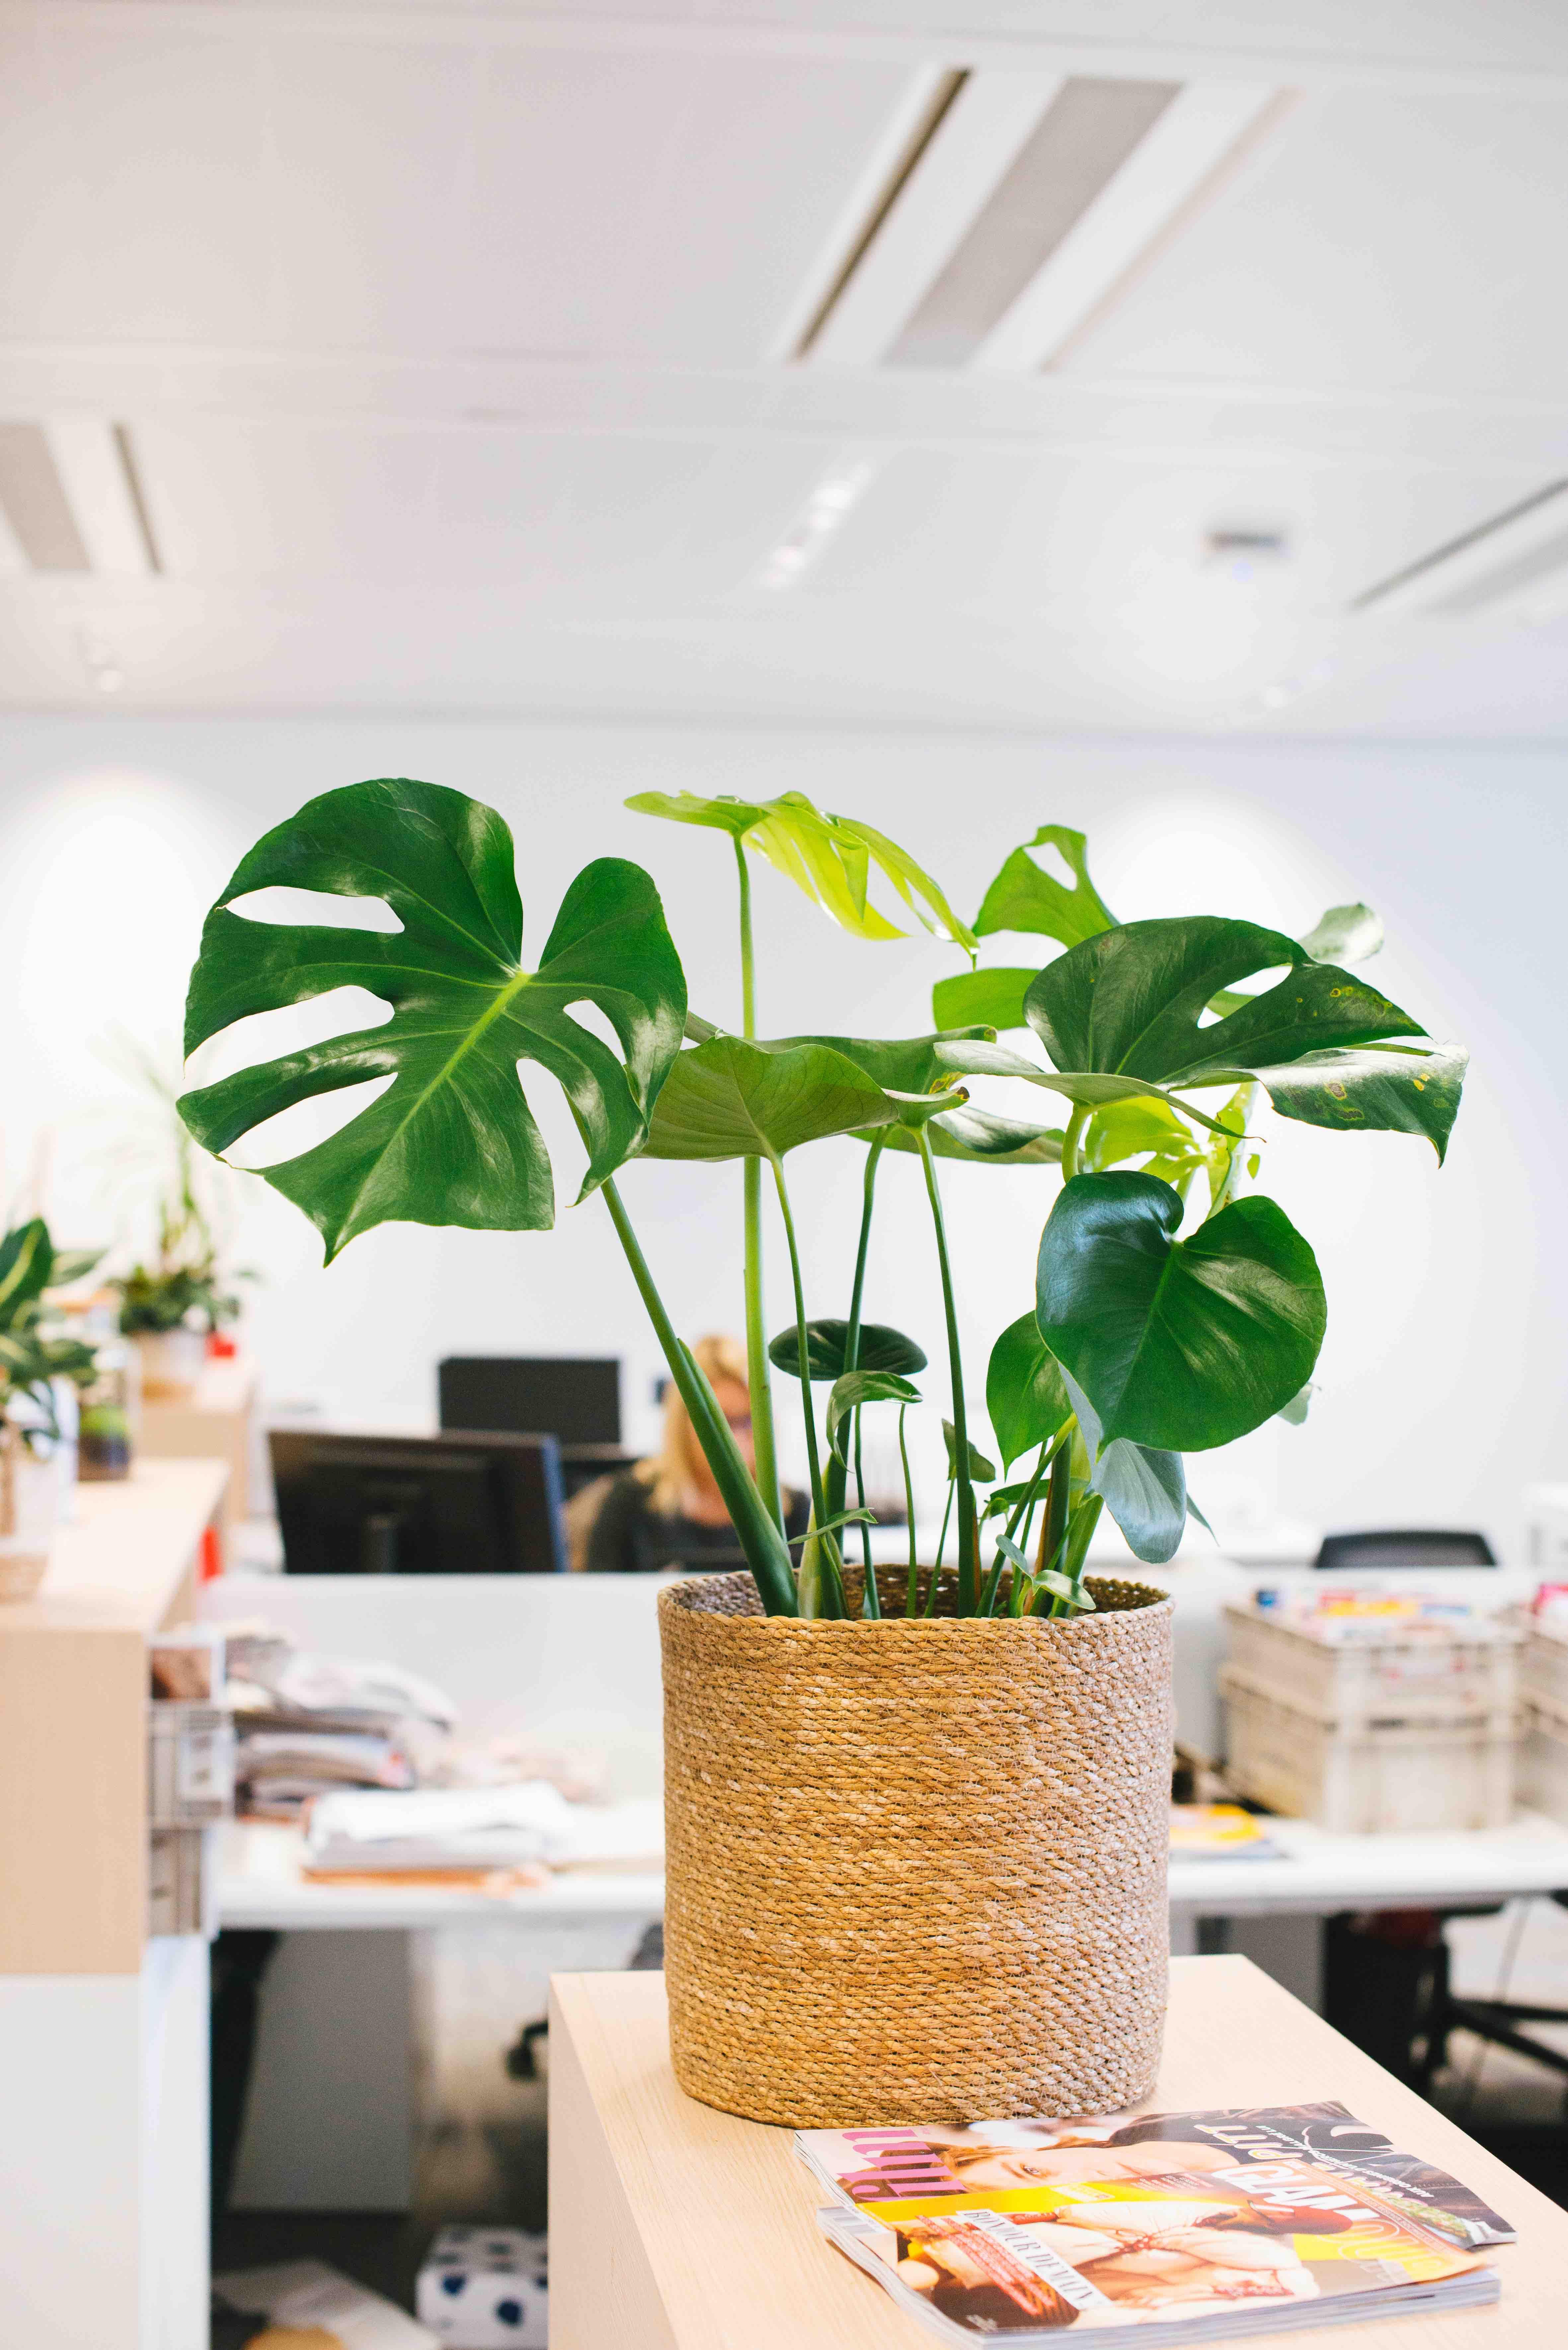 végétalisation bureau commerce paris sweet jungle monstera